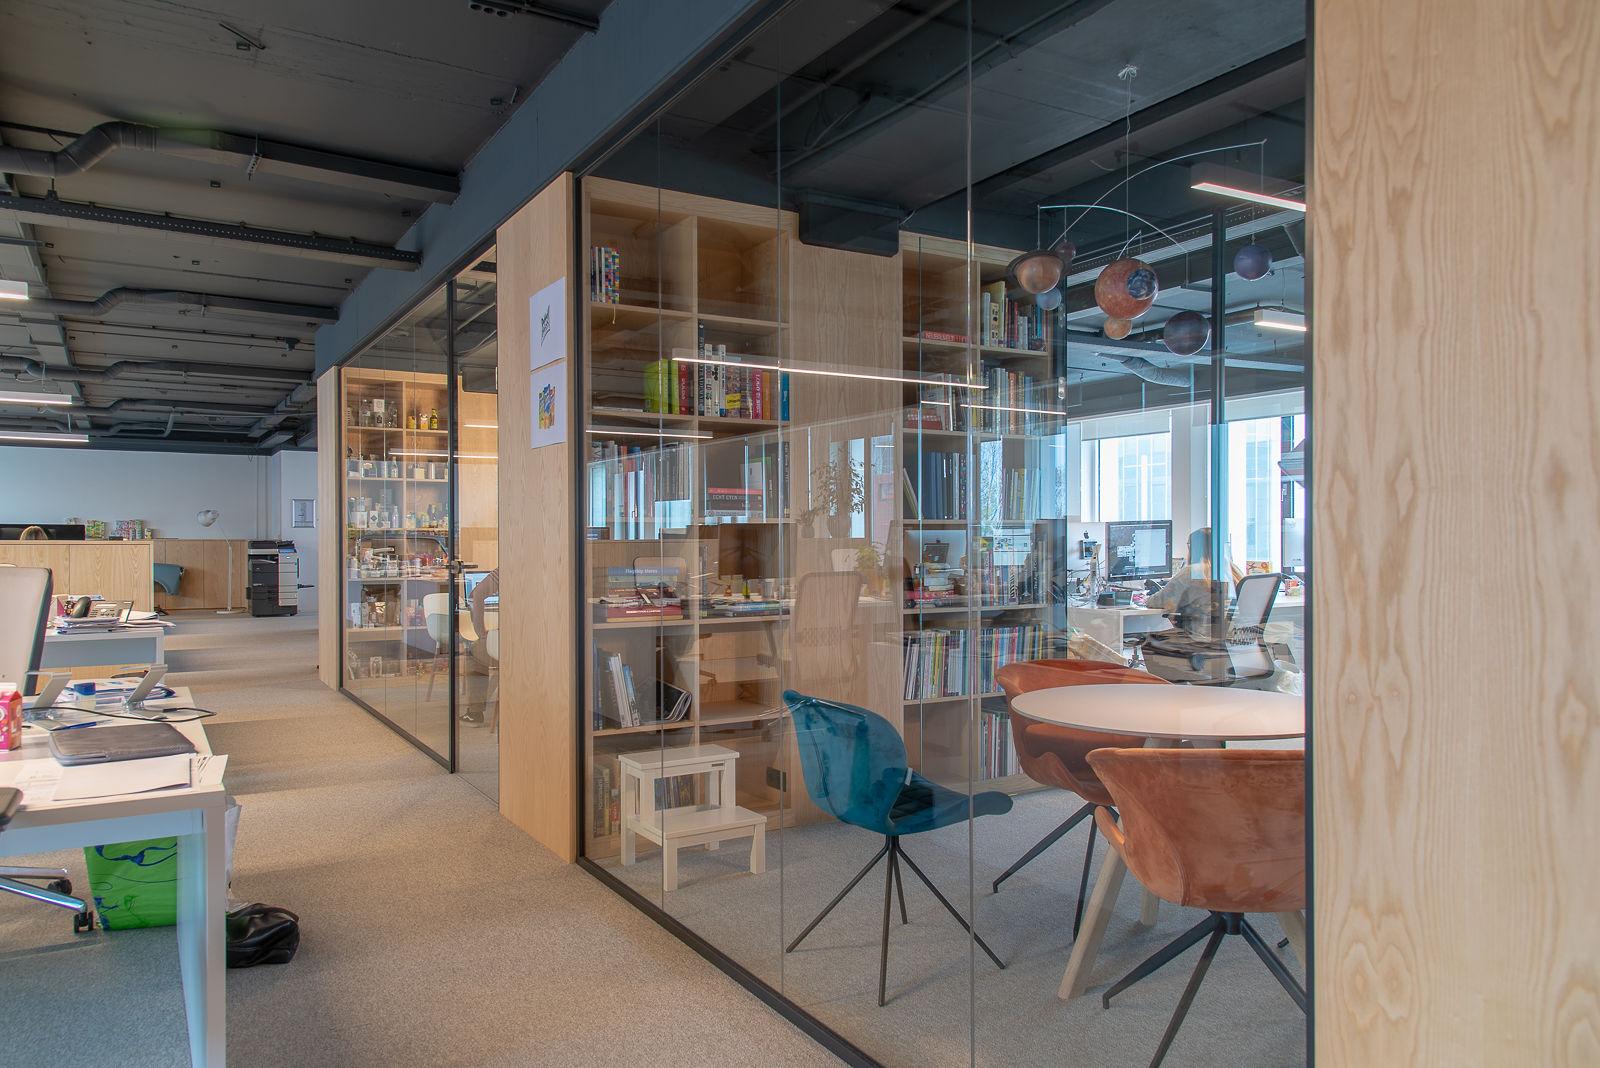 Fotografie projectinrichting kantoor met glazen wand en open kasten